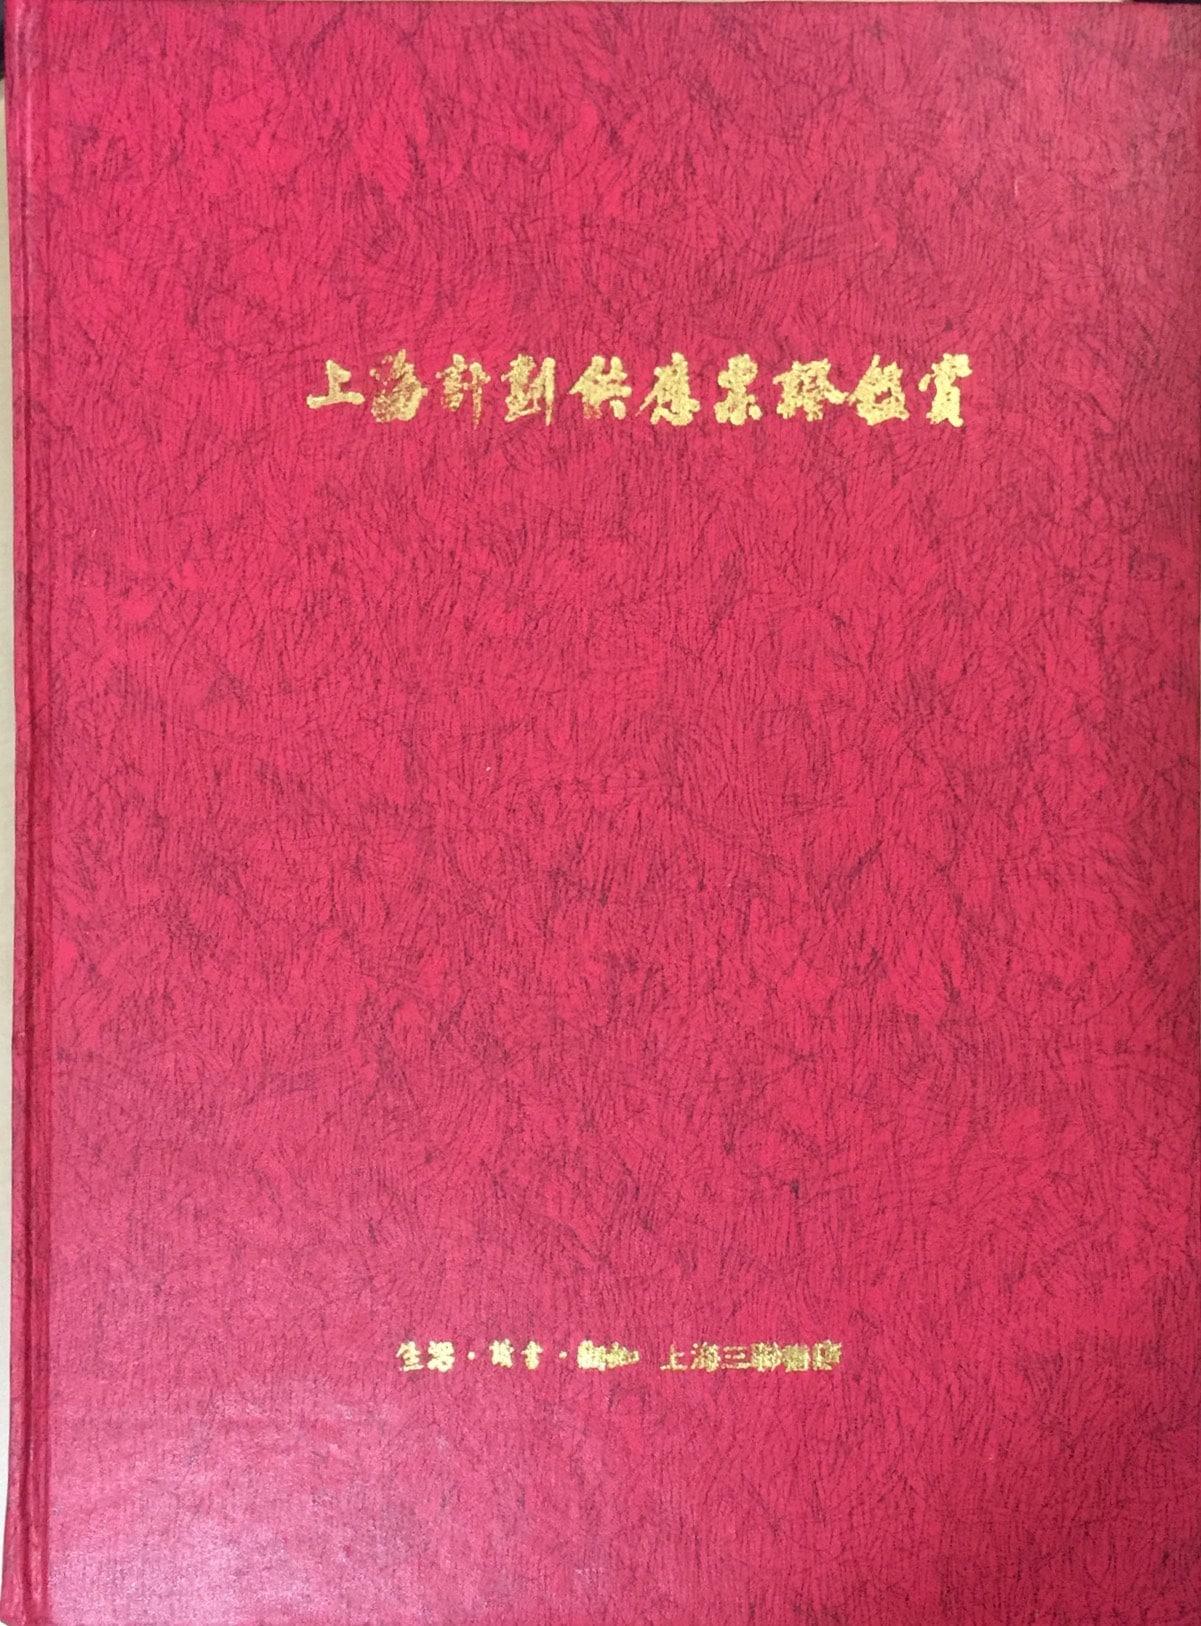 Document 19112020_15